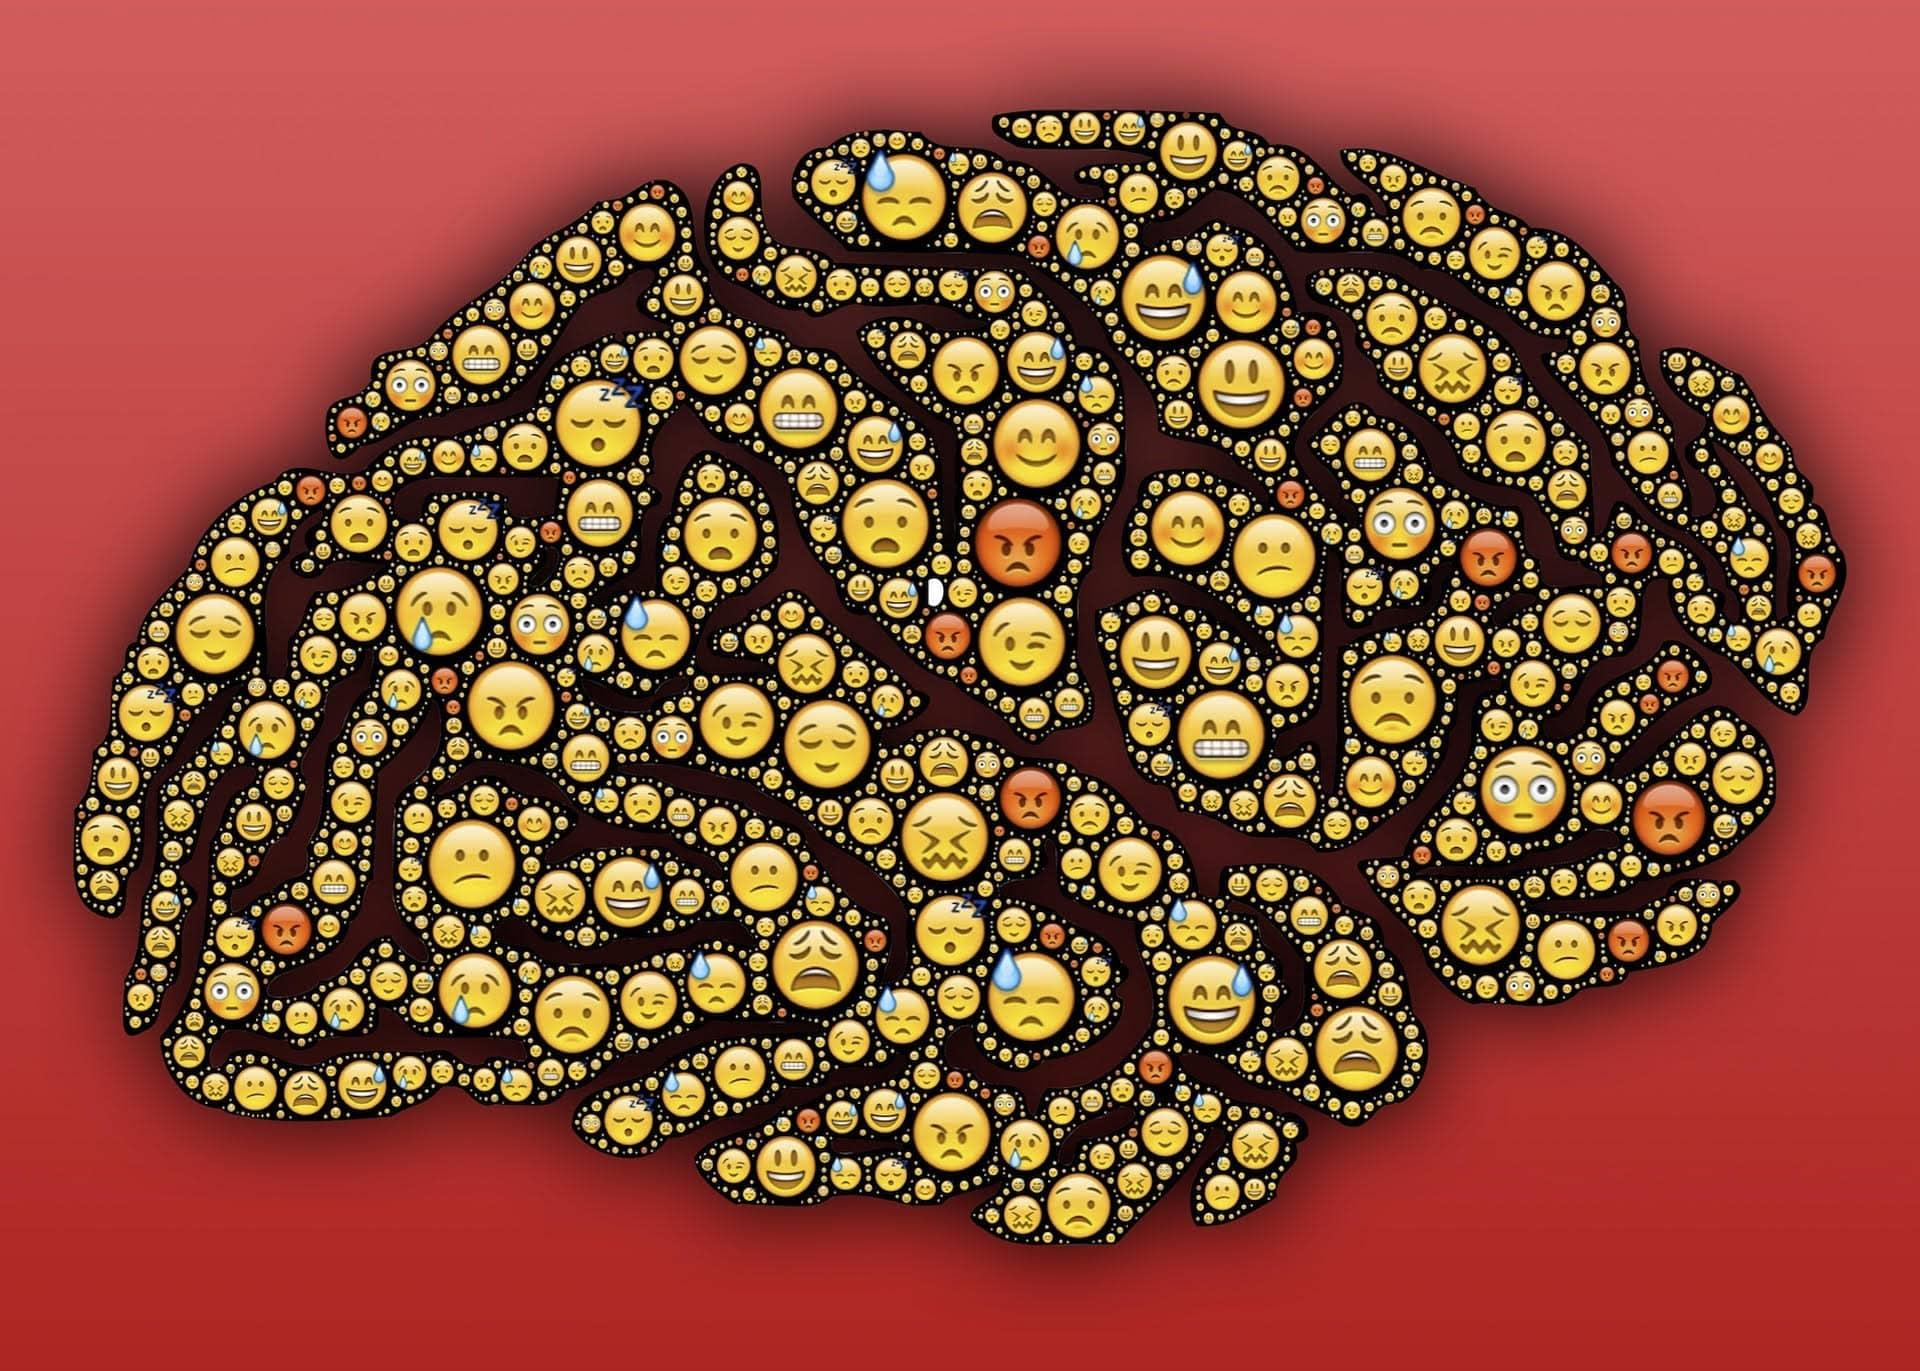 Cerveau avec émotions diverses